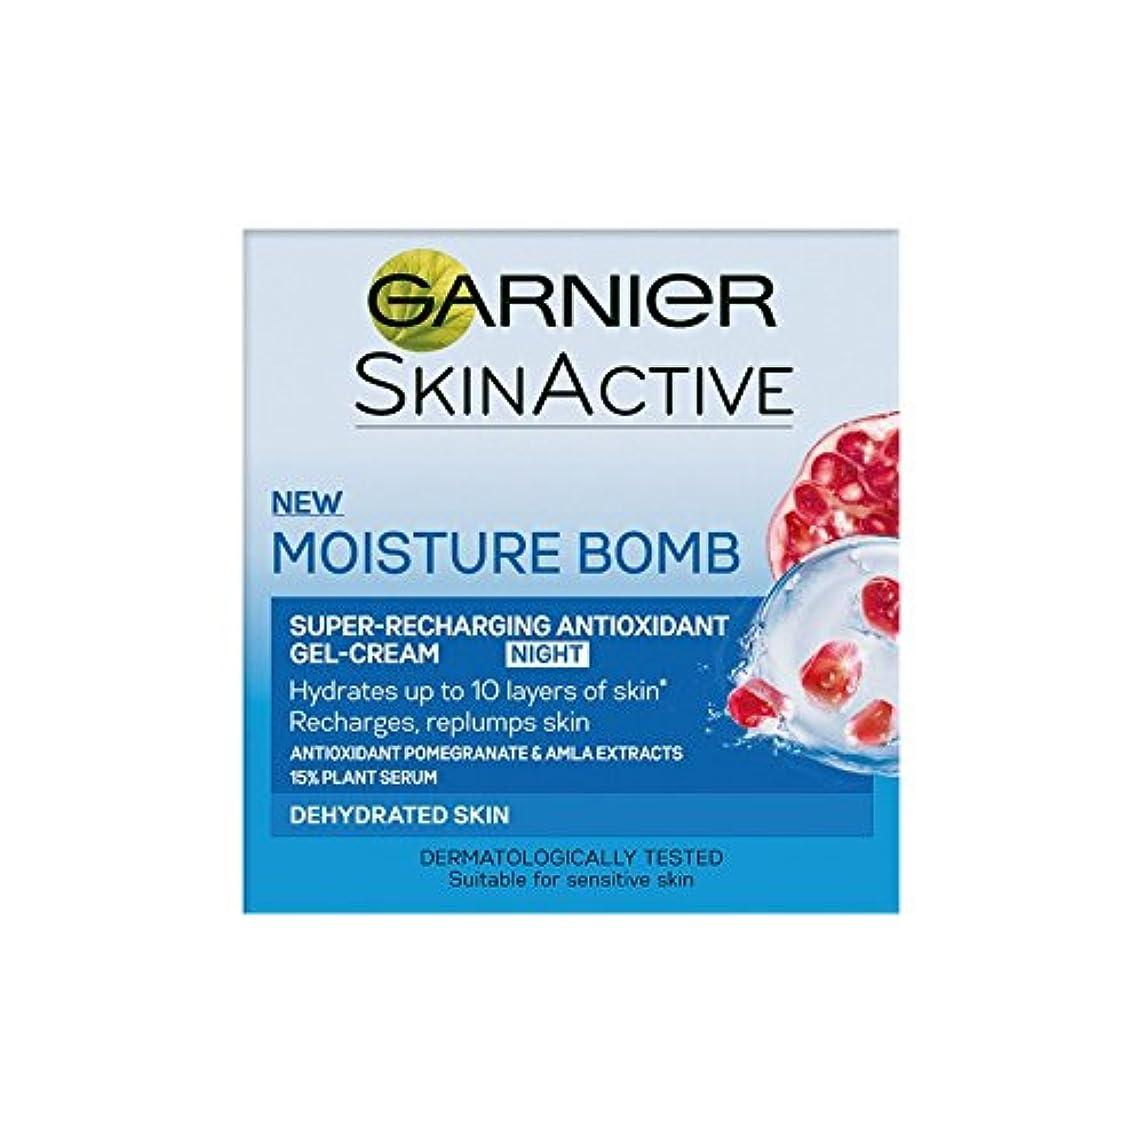 マトンコテージスポーツマンガルニエ水分爆弾超充電夜のゲルクリーム(50ミリリットル) x2 - Garnier Moisture Bomb Super-Recharging Night Gel-Cream (50ml) (Pack of 2) [...